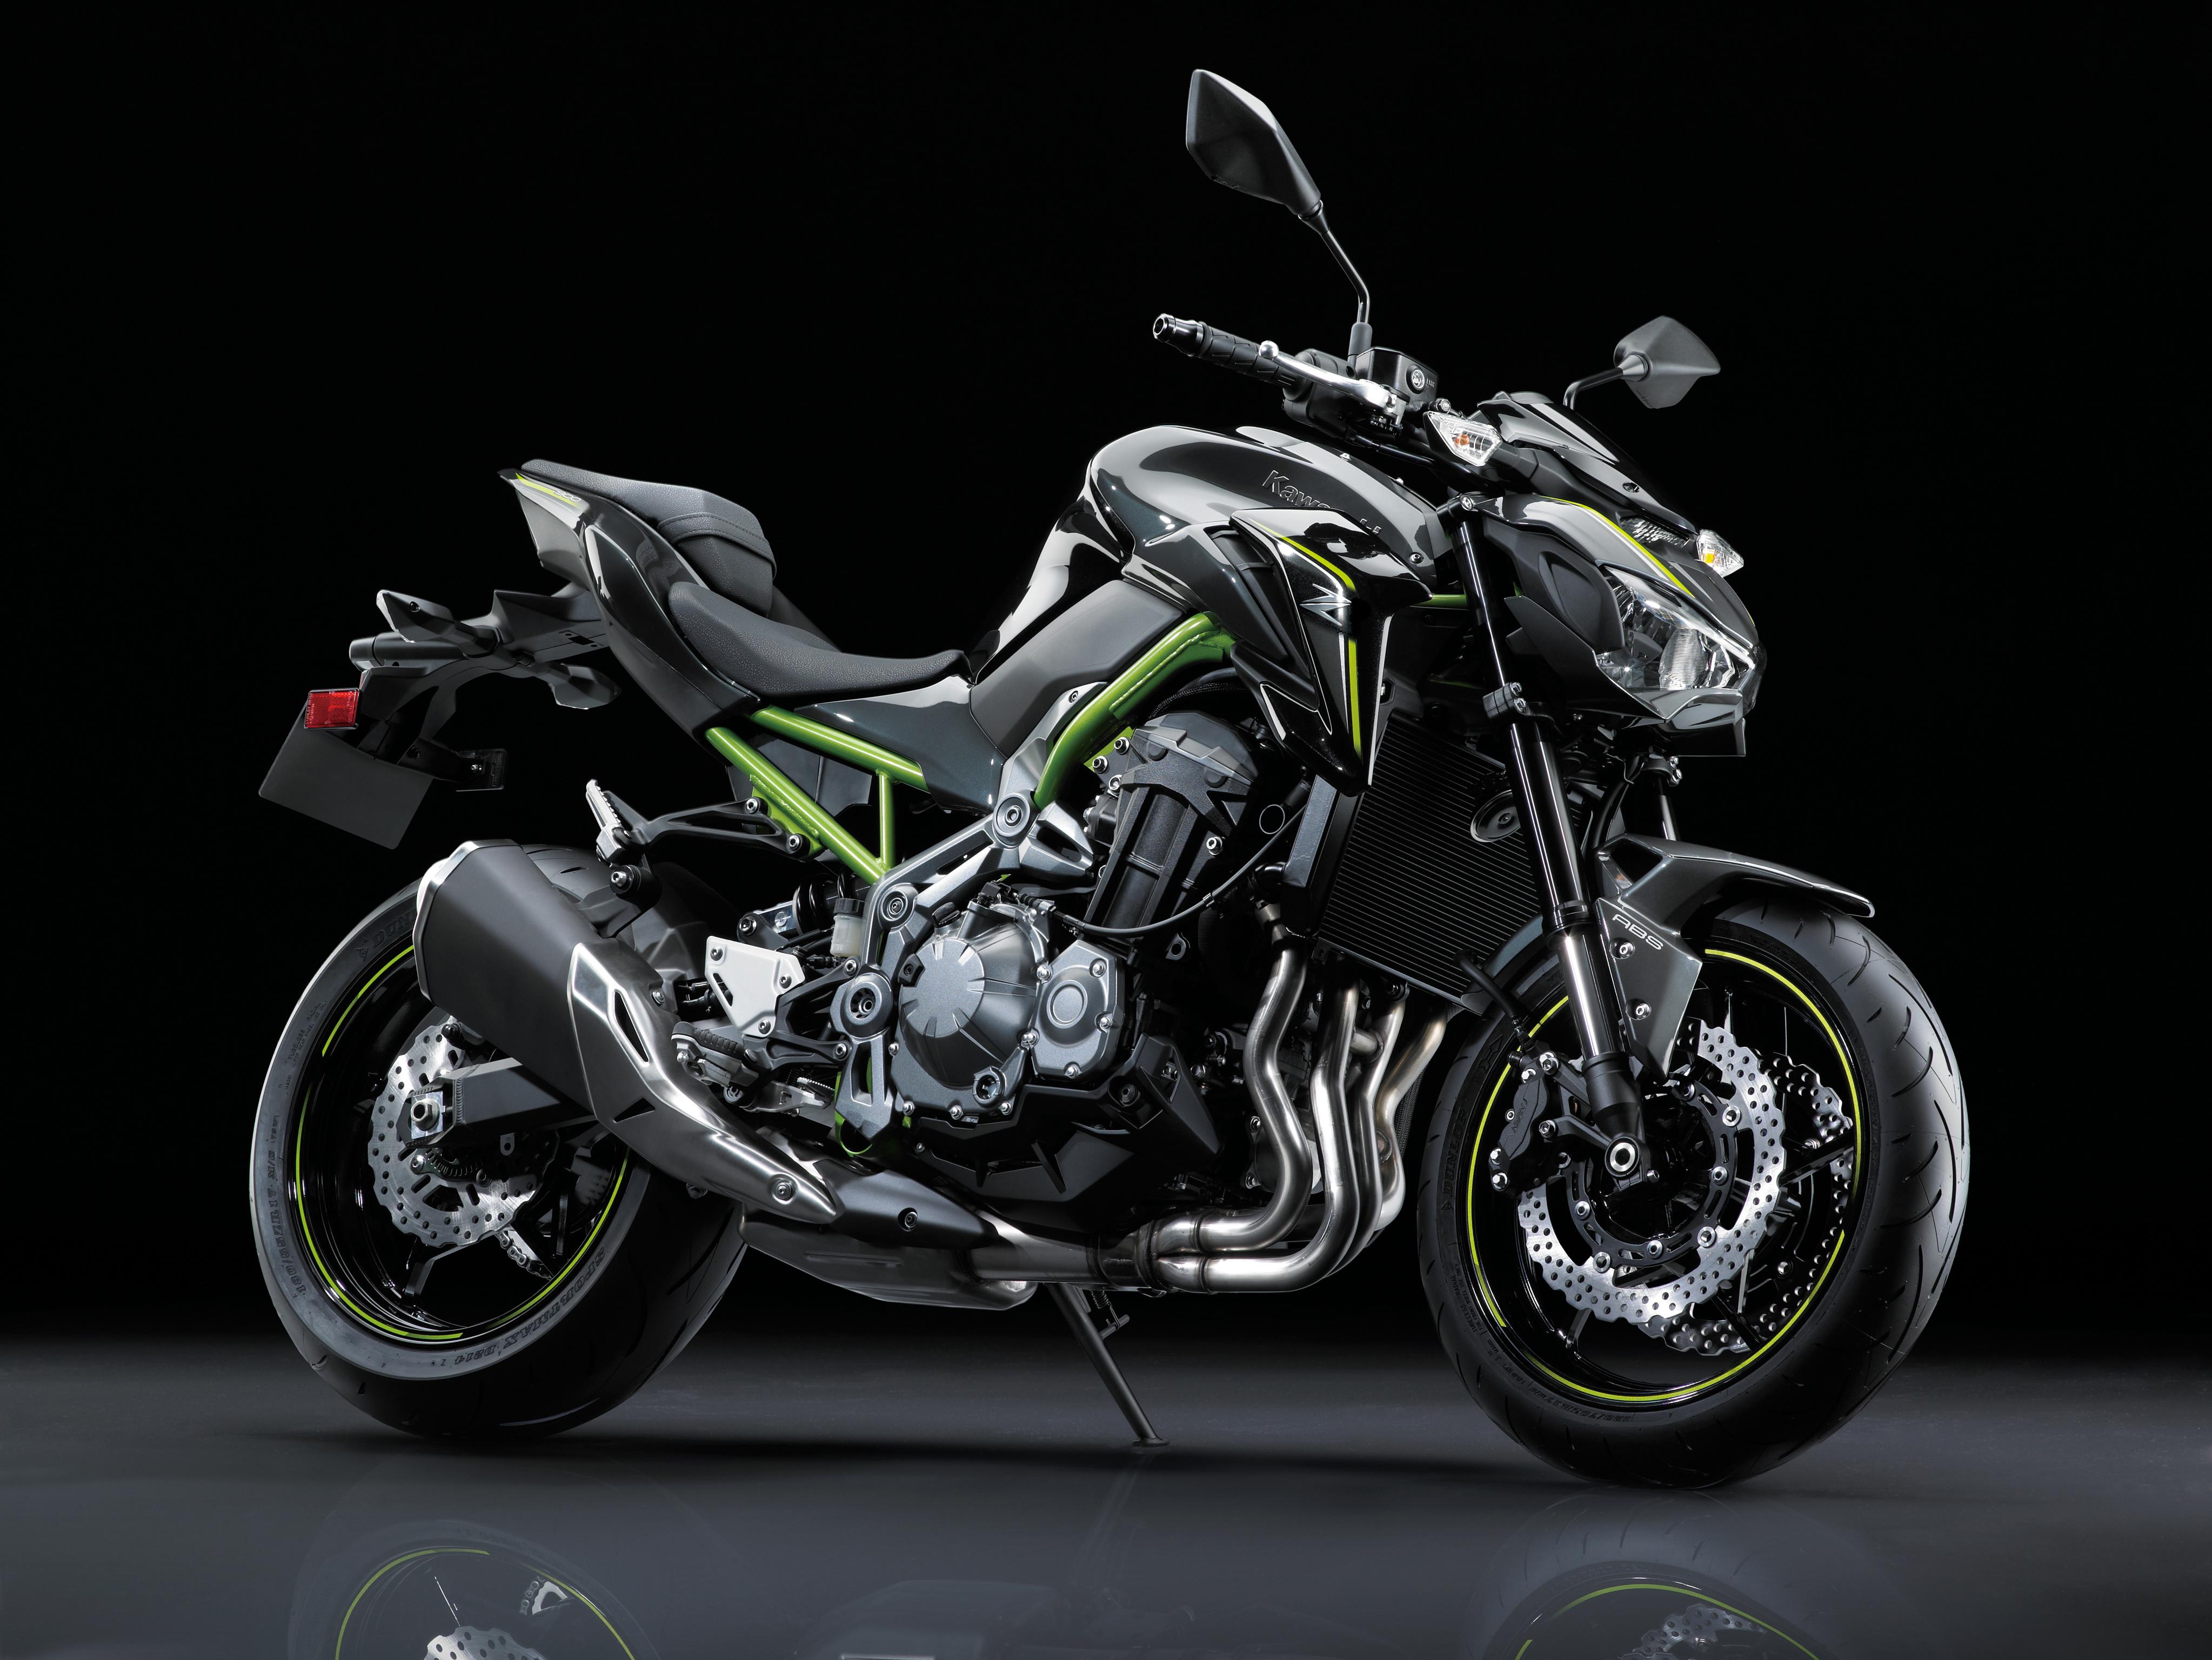 壁紙 4093x3072 川崎重工業 17 19 Z900 Worldwide 黒色背景 側面図 オートバイ ダウンロード 写真